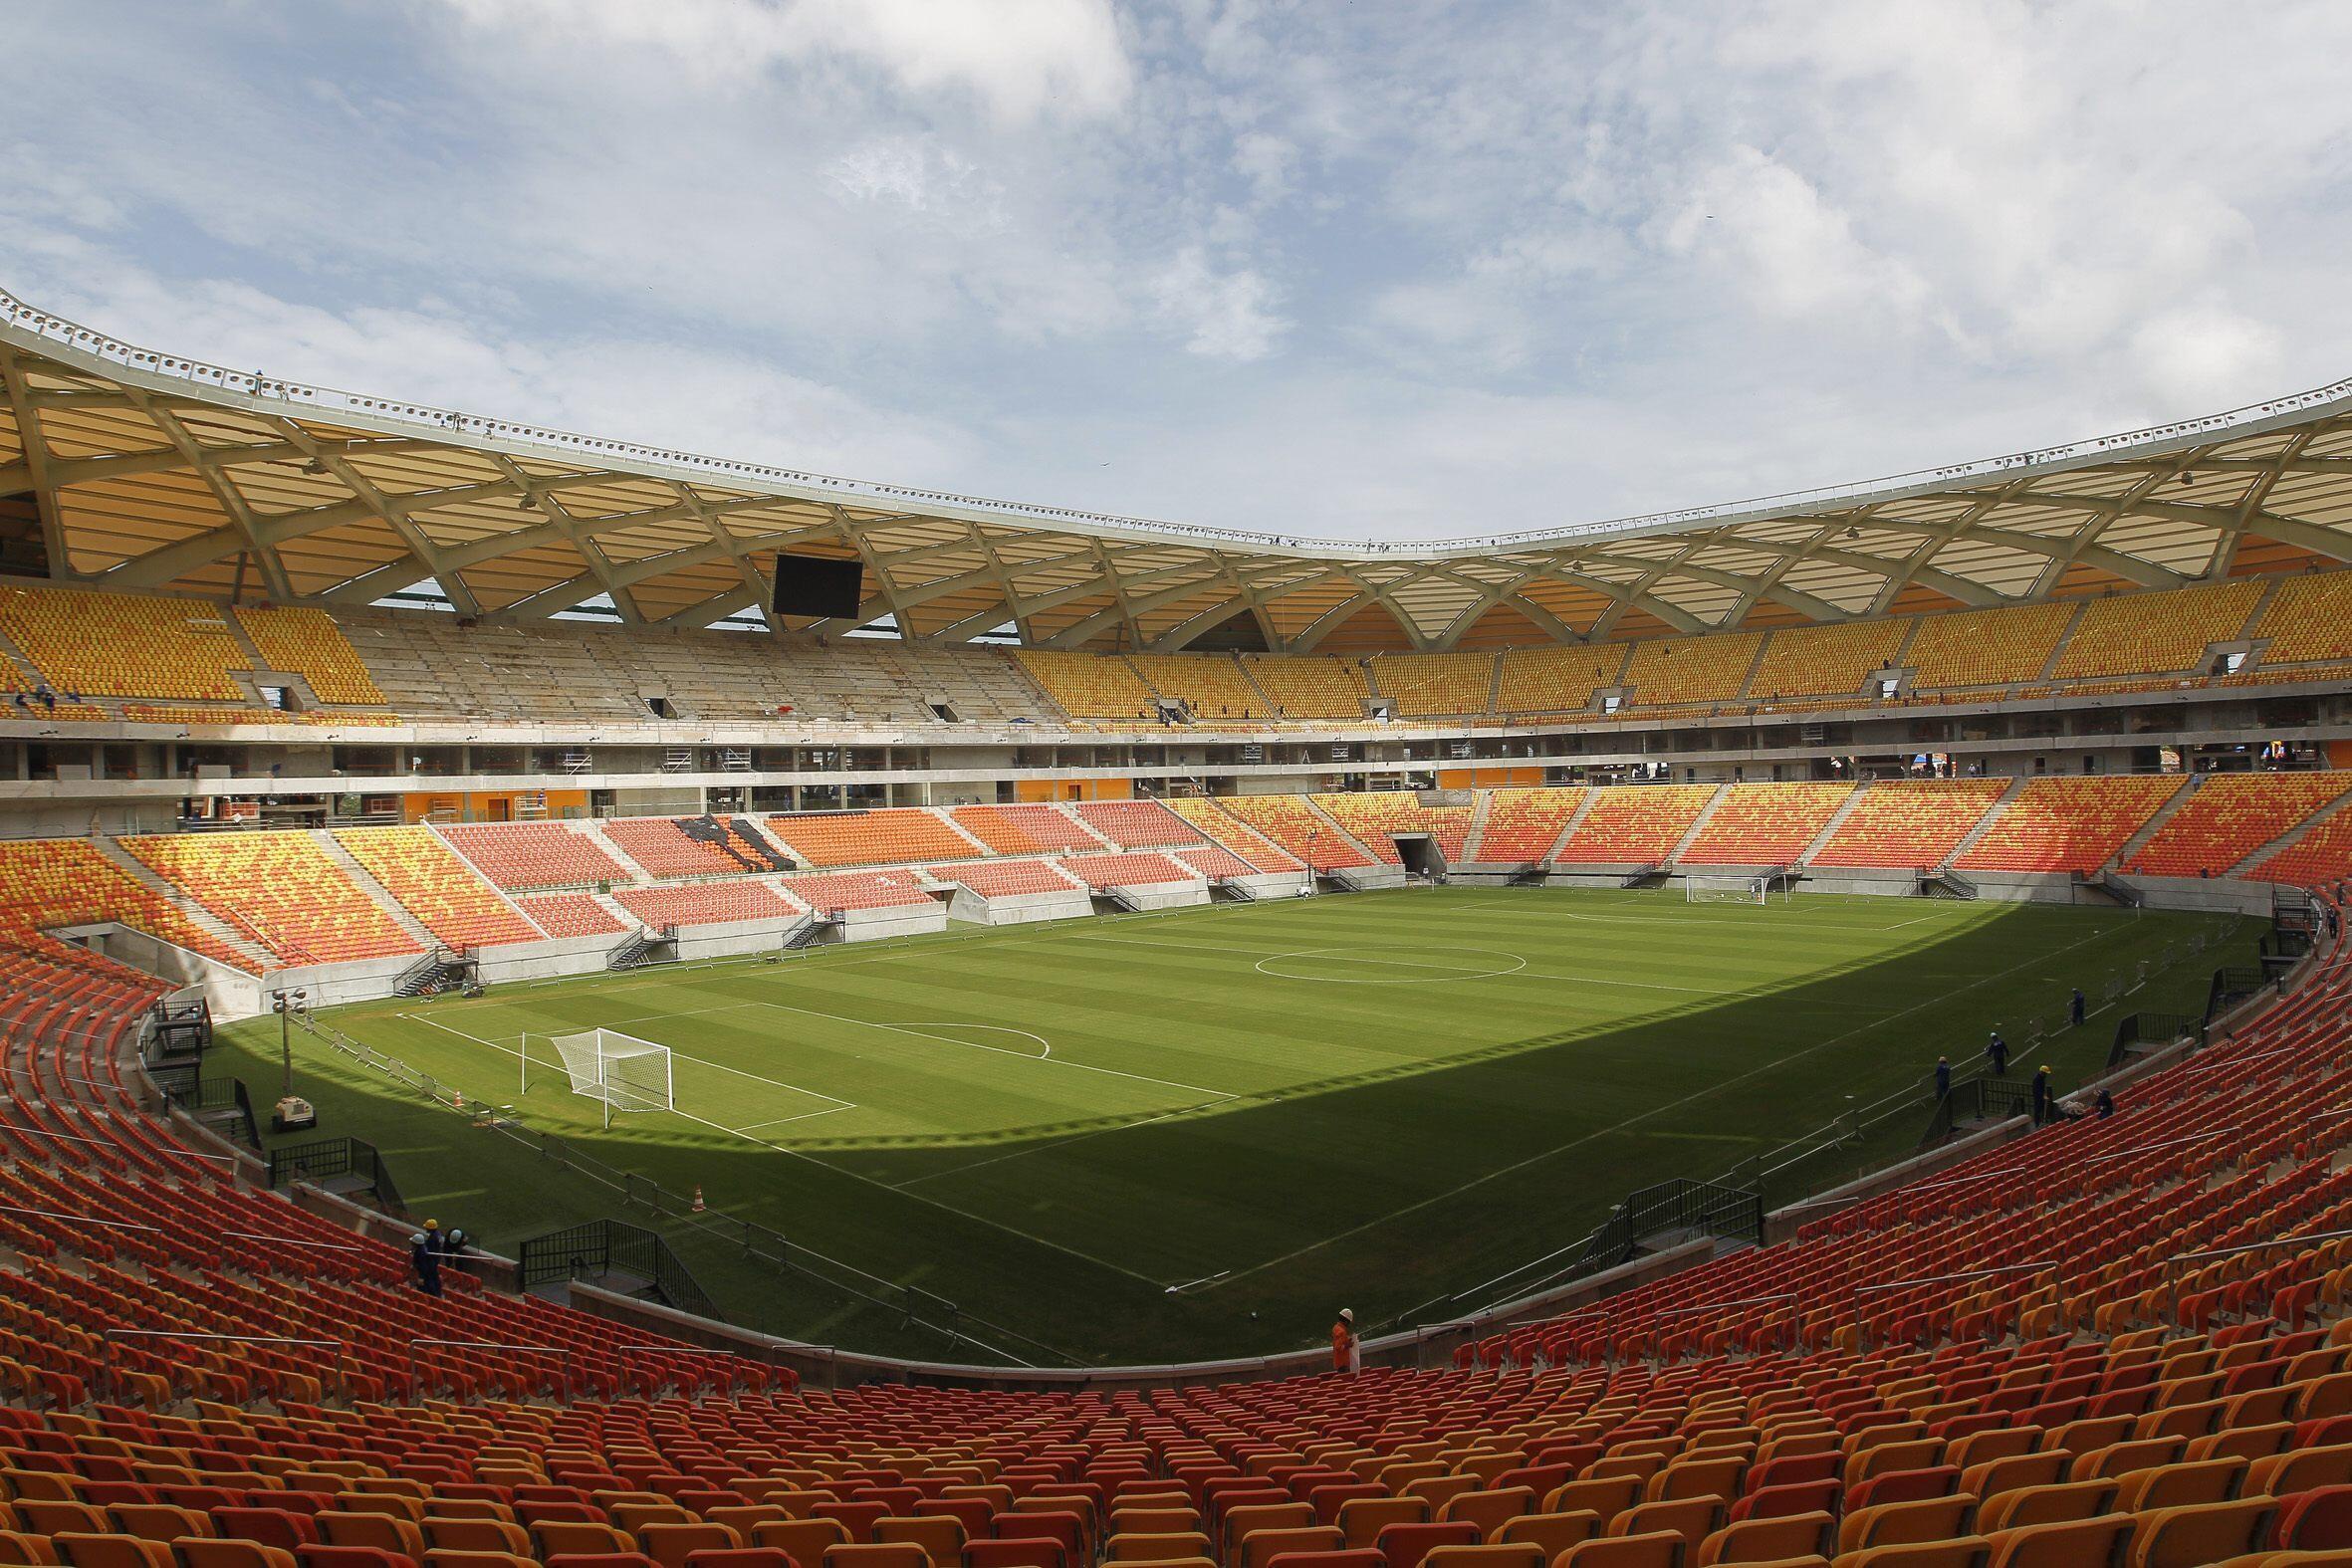 Le stade Arena da Amazonia de Manaus.